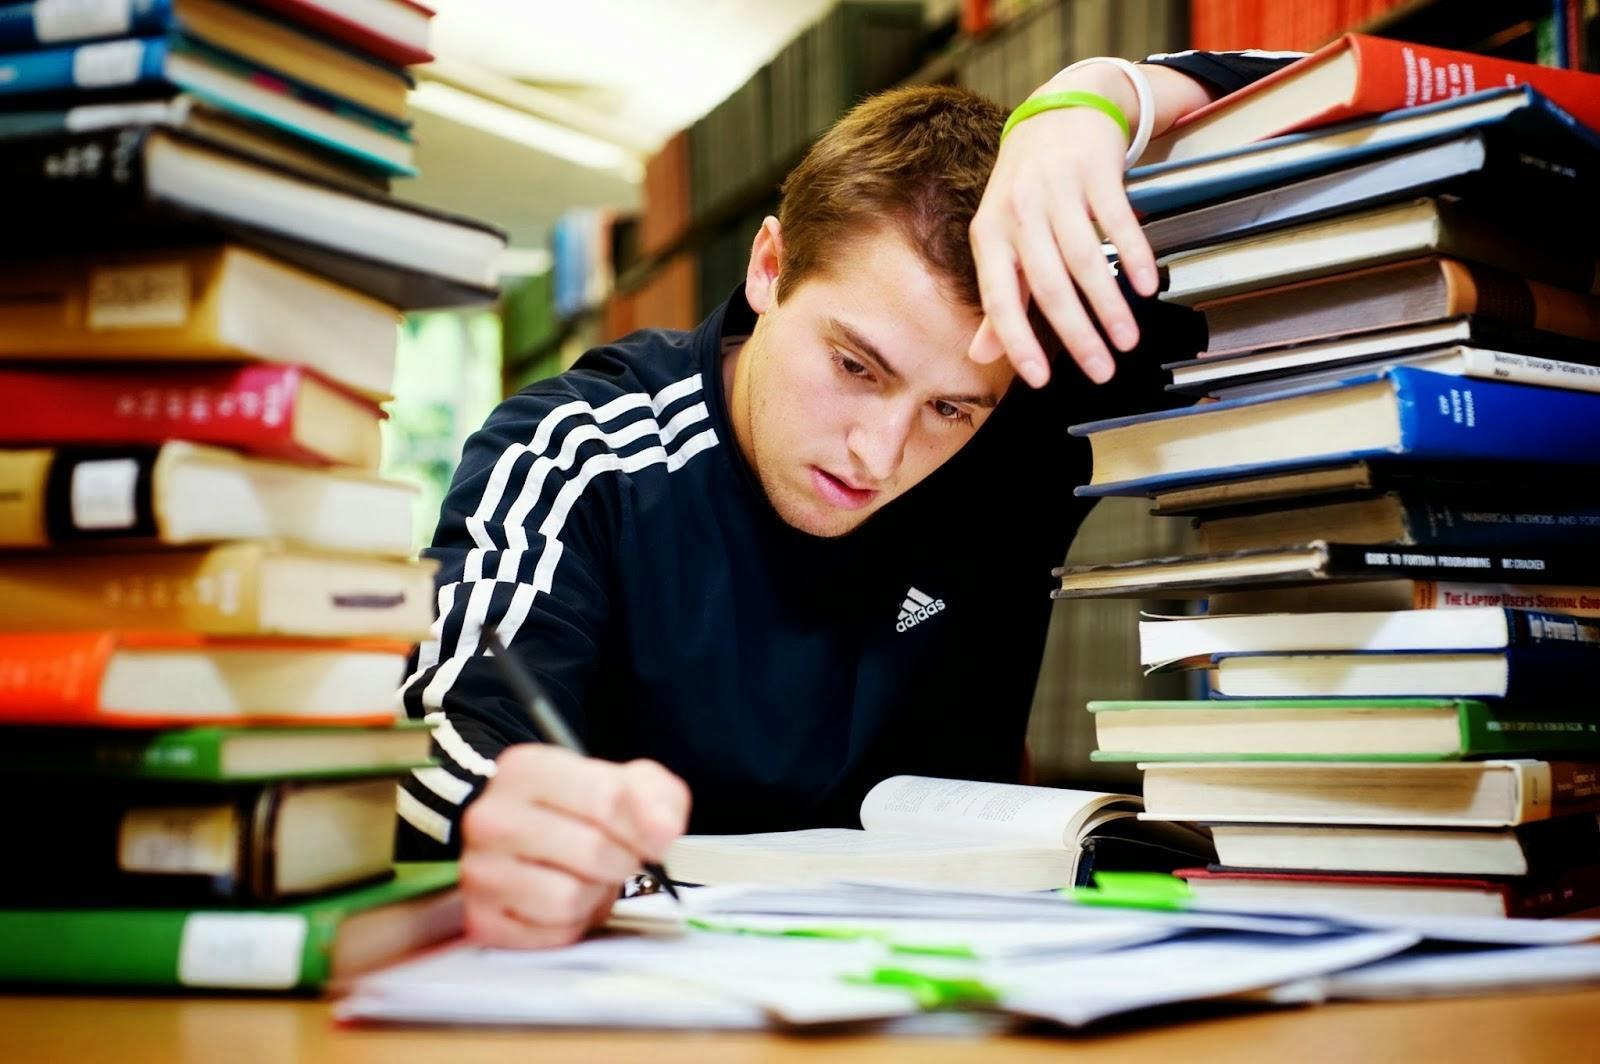 8 sai lầm khi tự học TOEIC khiến bạn không bao giờ tiến bộ